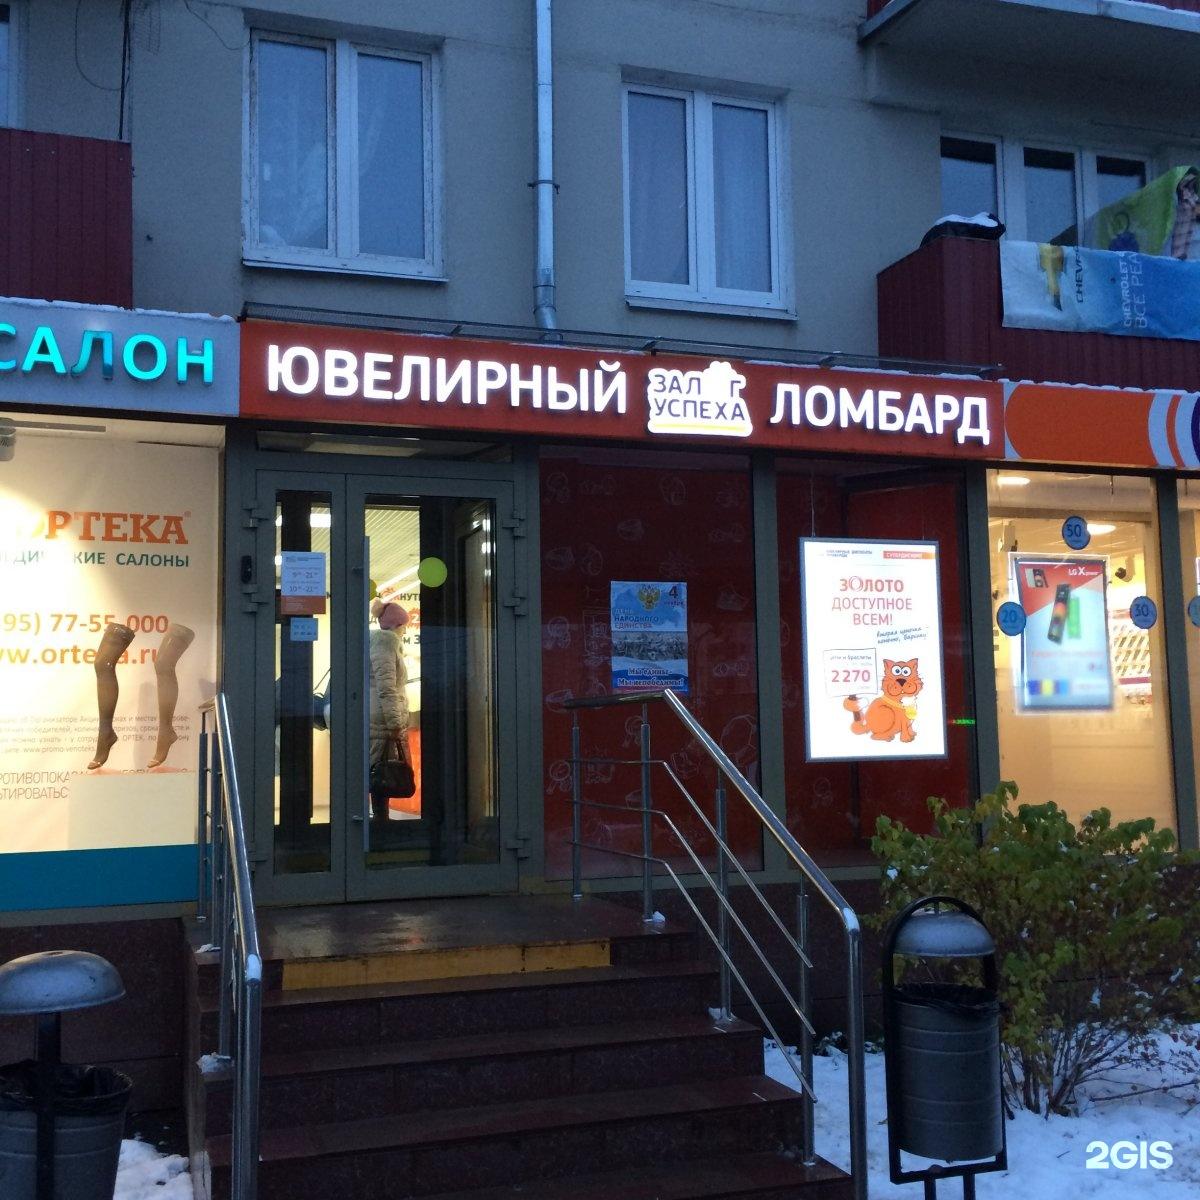 Ооо залог успеха ломбард москва официальный сайт договор залога о передачи автомобиля